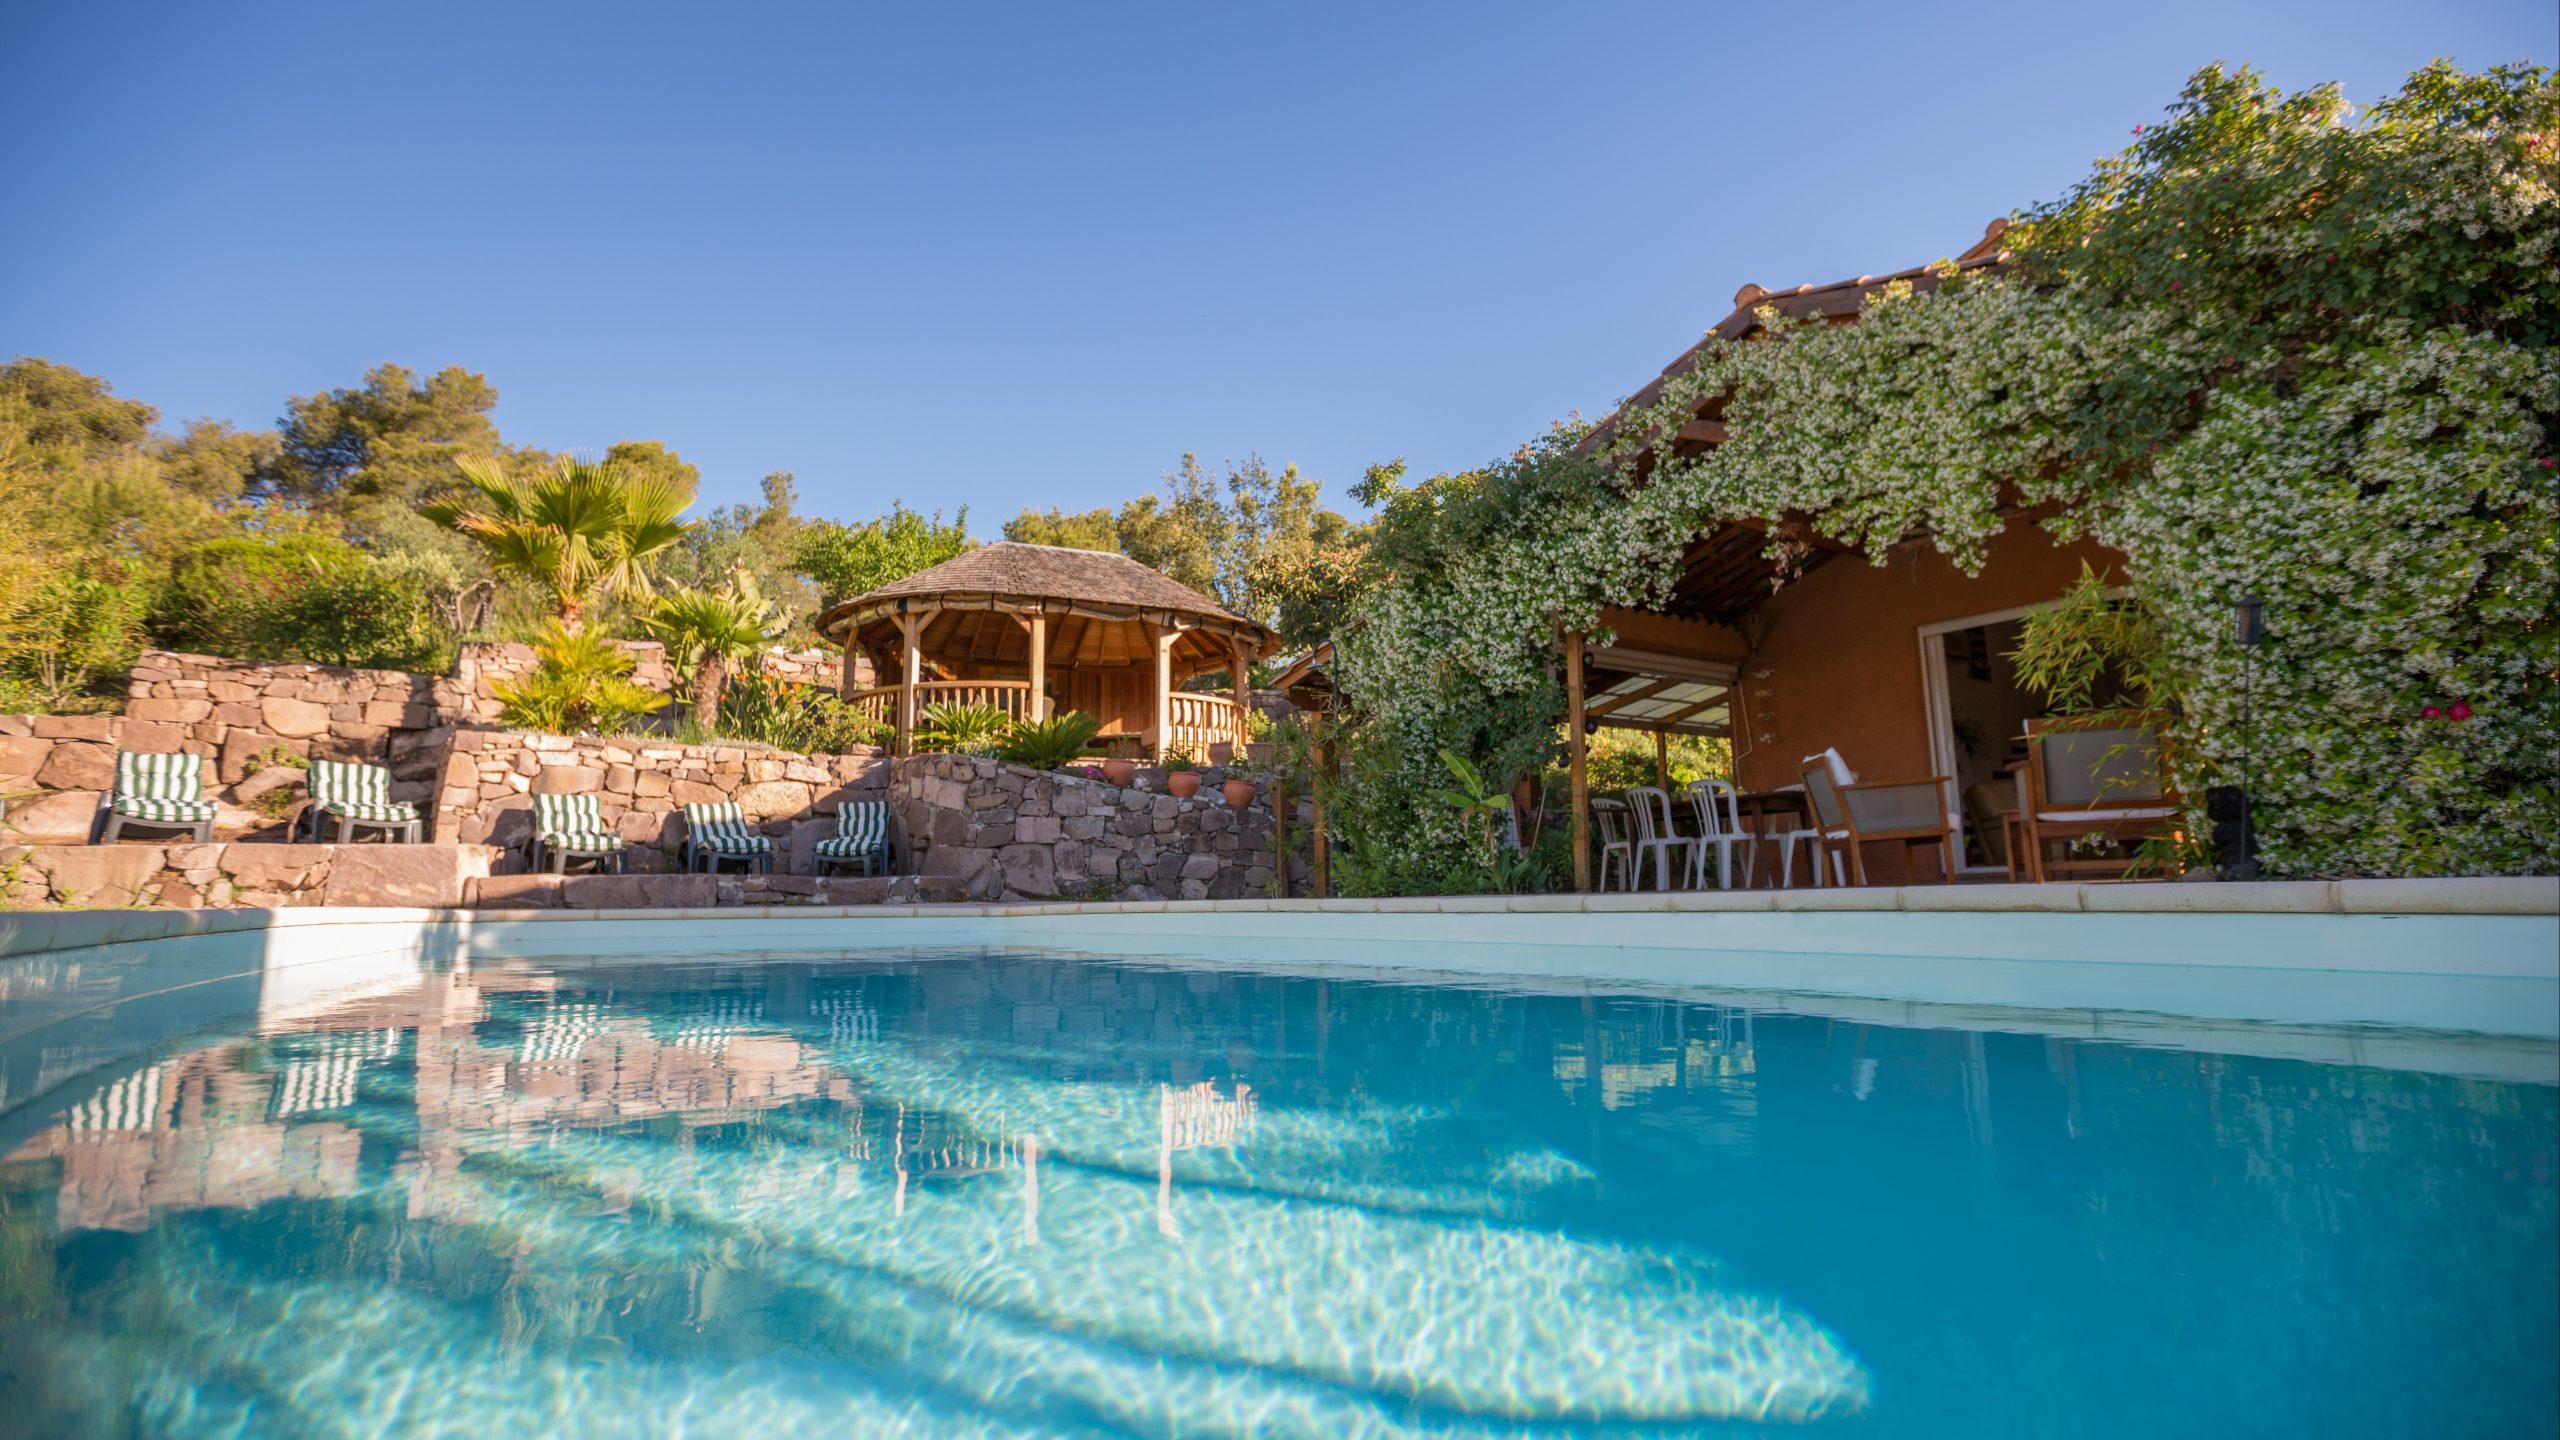 Location Maison Avec Piscine Pas Chère | Abritel encequiconcerne Location Maison Espagne Avec Piscine Pas Cher